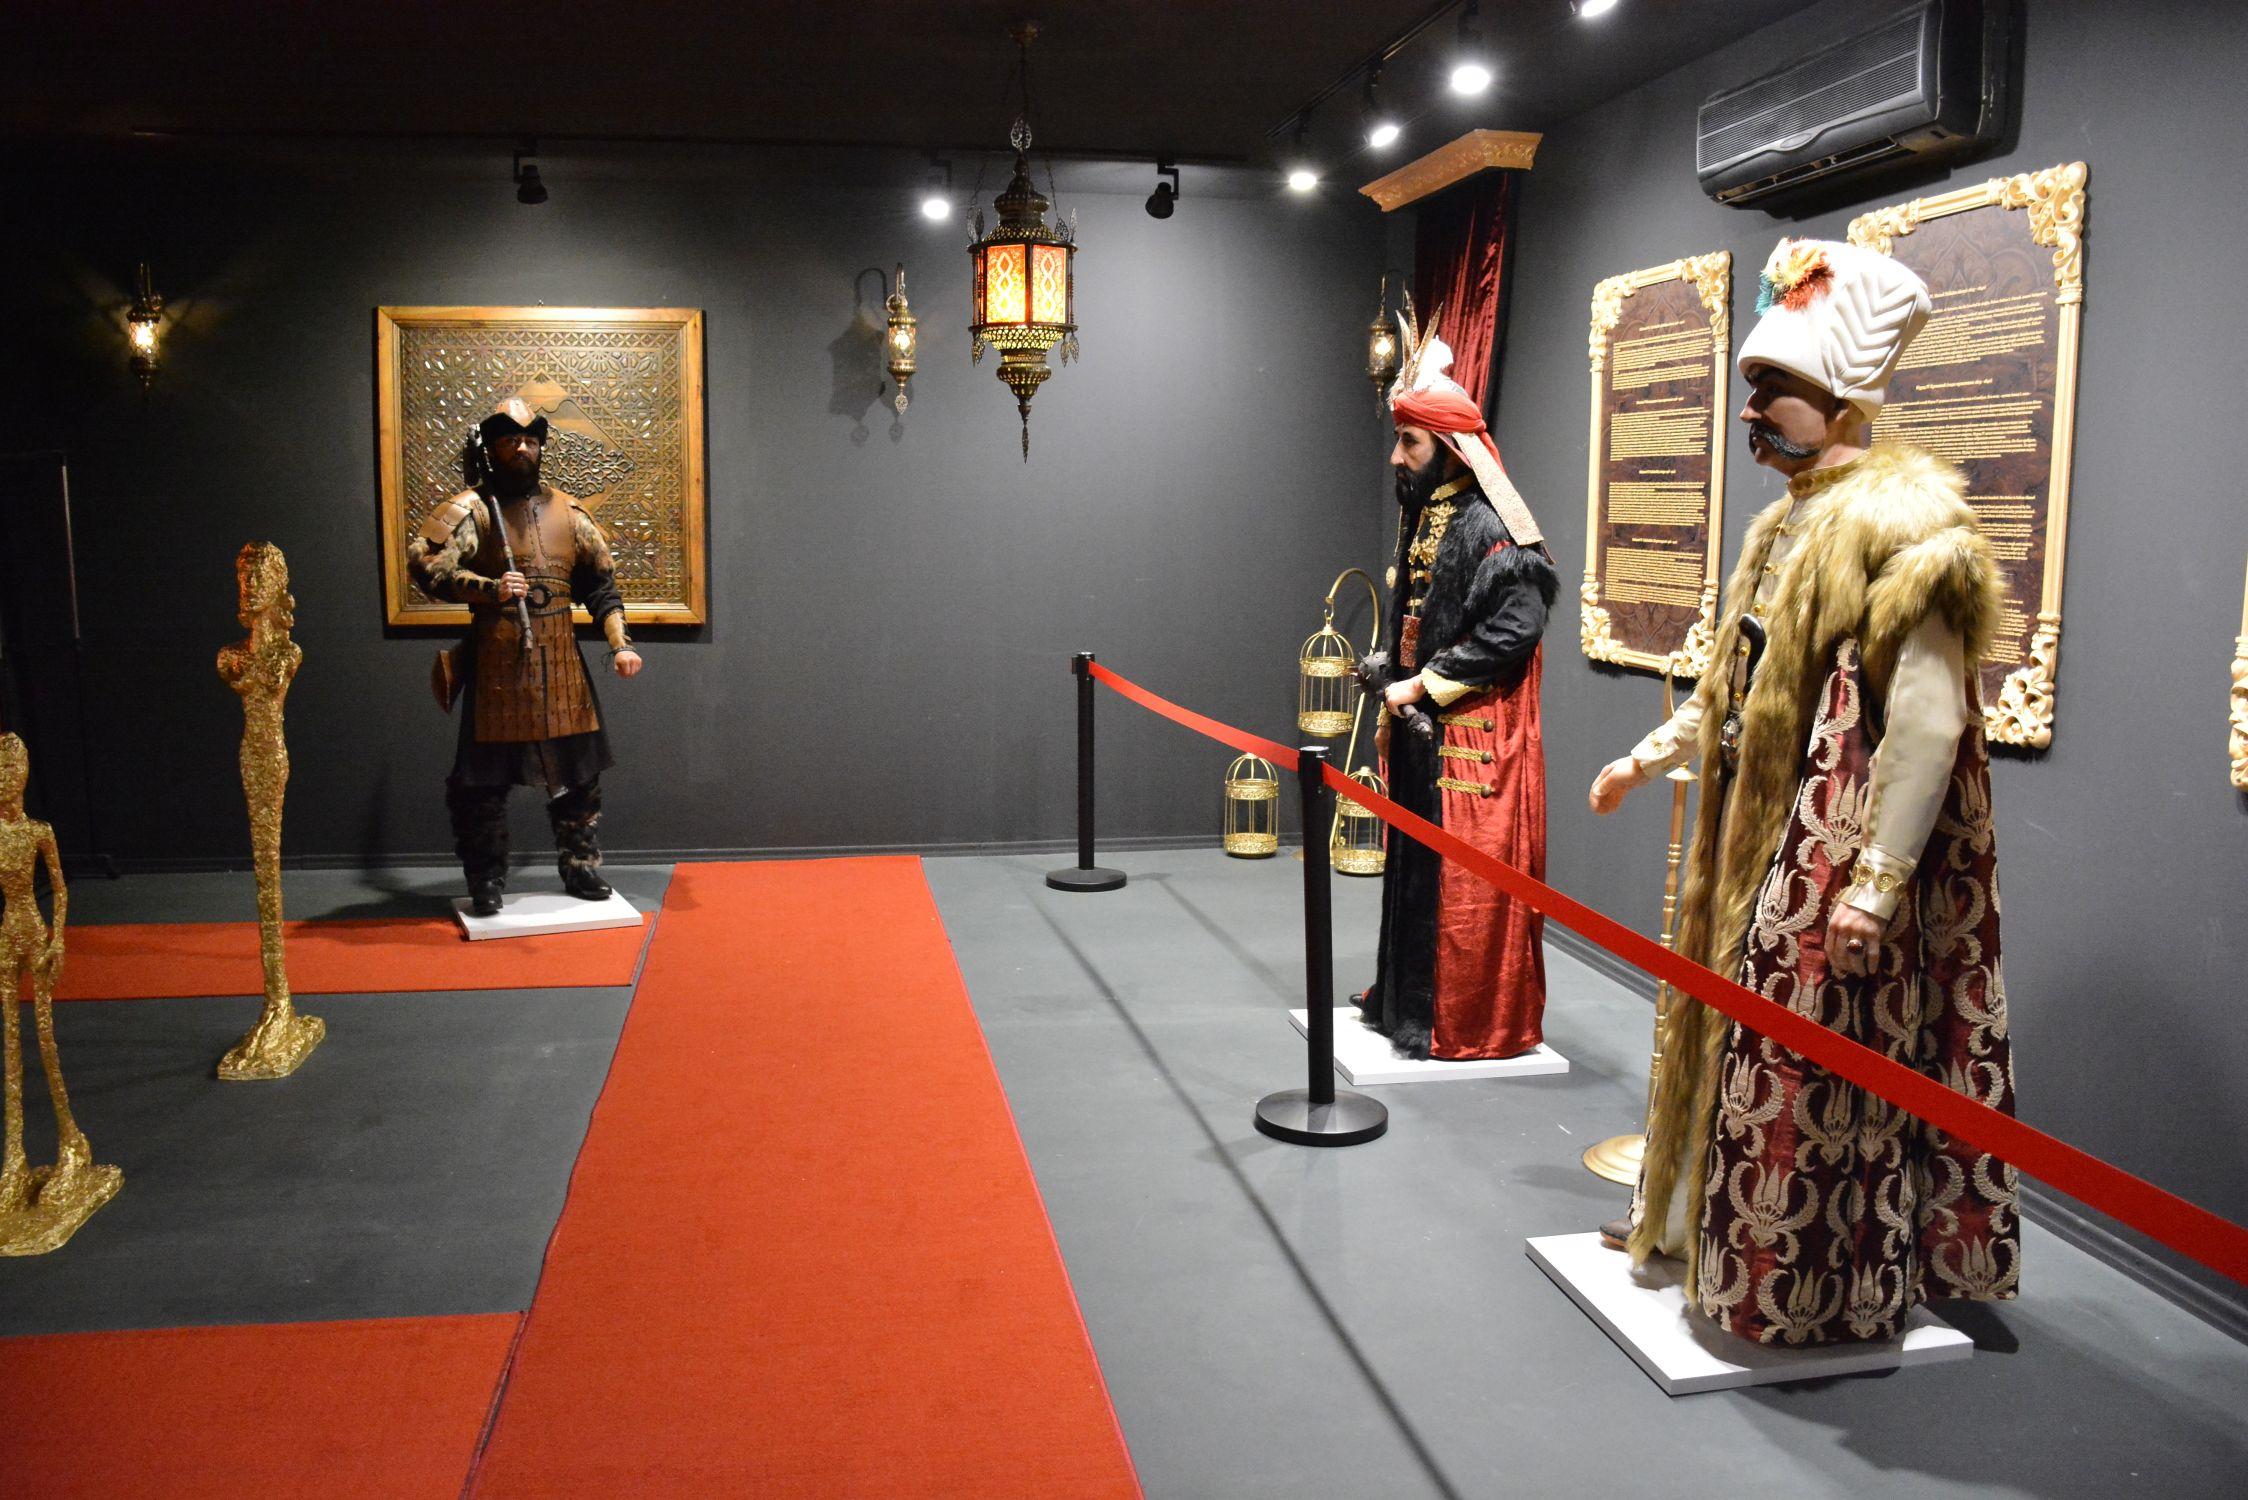 Ottoman Wax Museum / Osmanlı Padişahları Mum Heykel Müzesi Turu